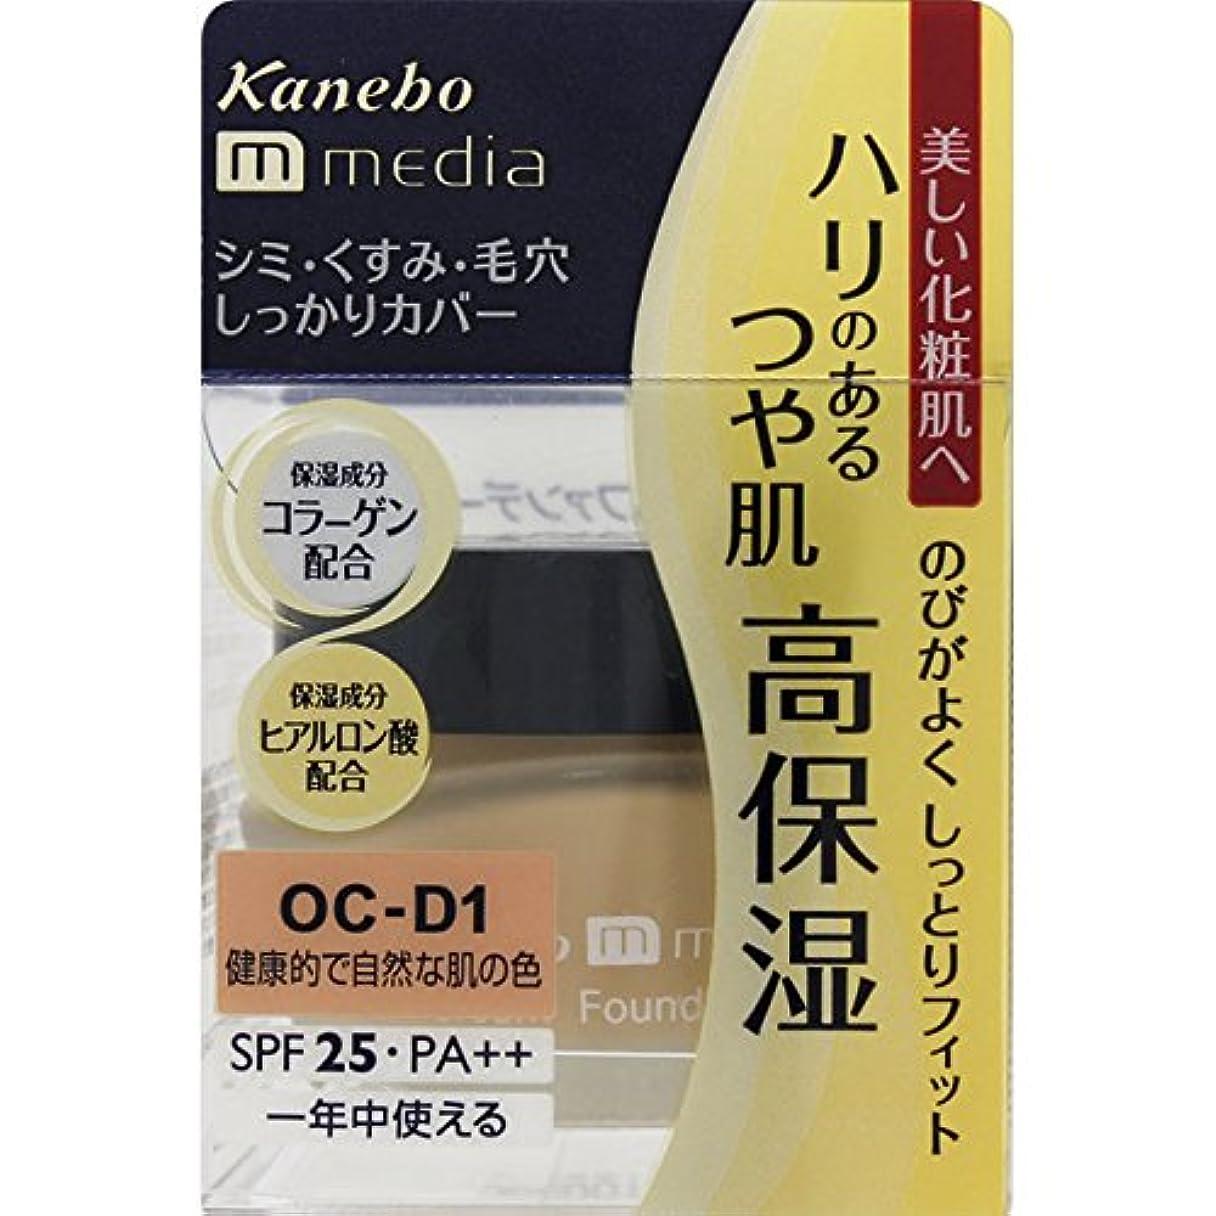 社会主義怒って共役カネボウ化粧品 メディア クリームファンデーション 健康的で自然な肌の色 OC-D1